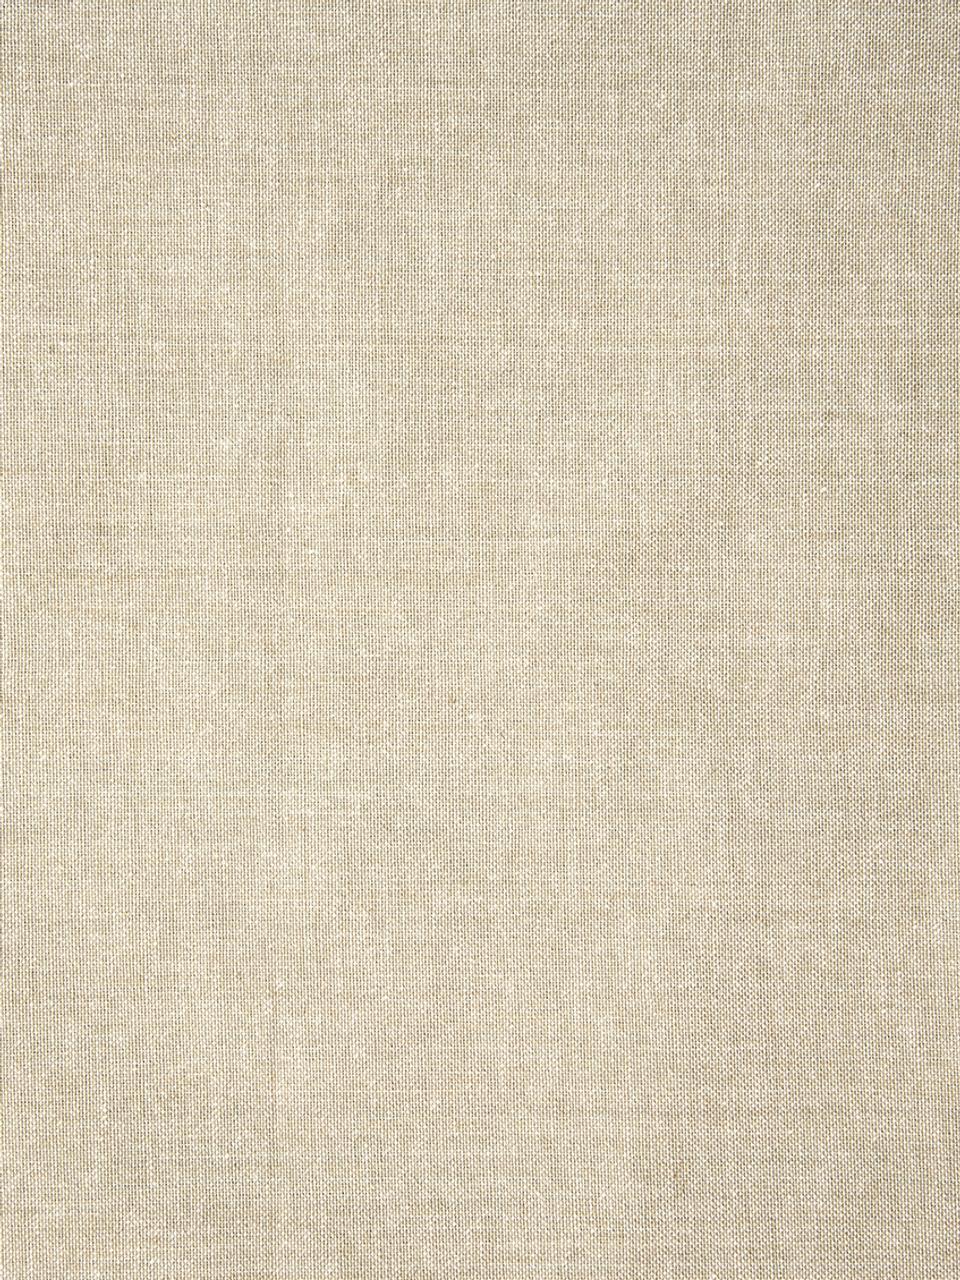 Kissenhülle Nutcracker mit winterlichem Muster, Baumwolle, Beige, Rot, 45 x 45 cm